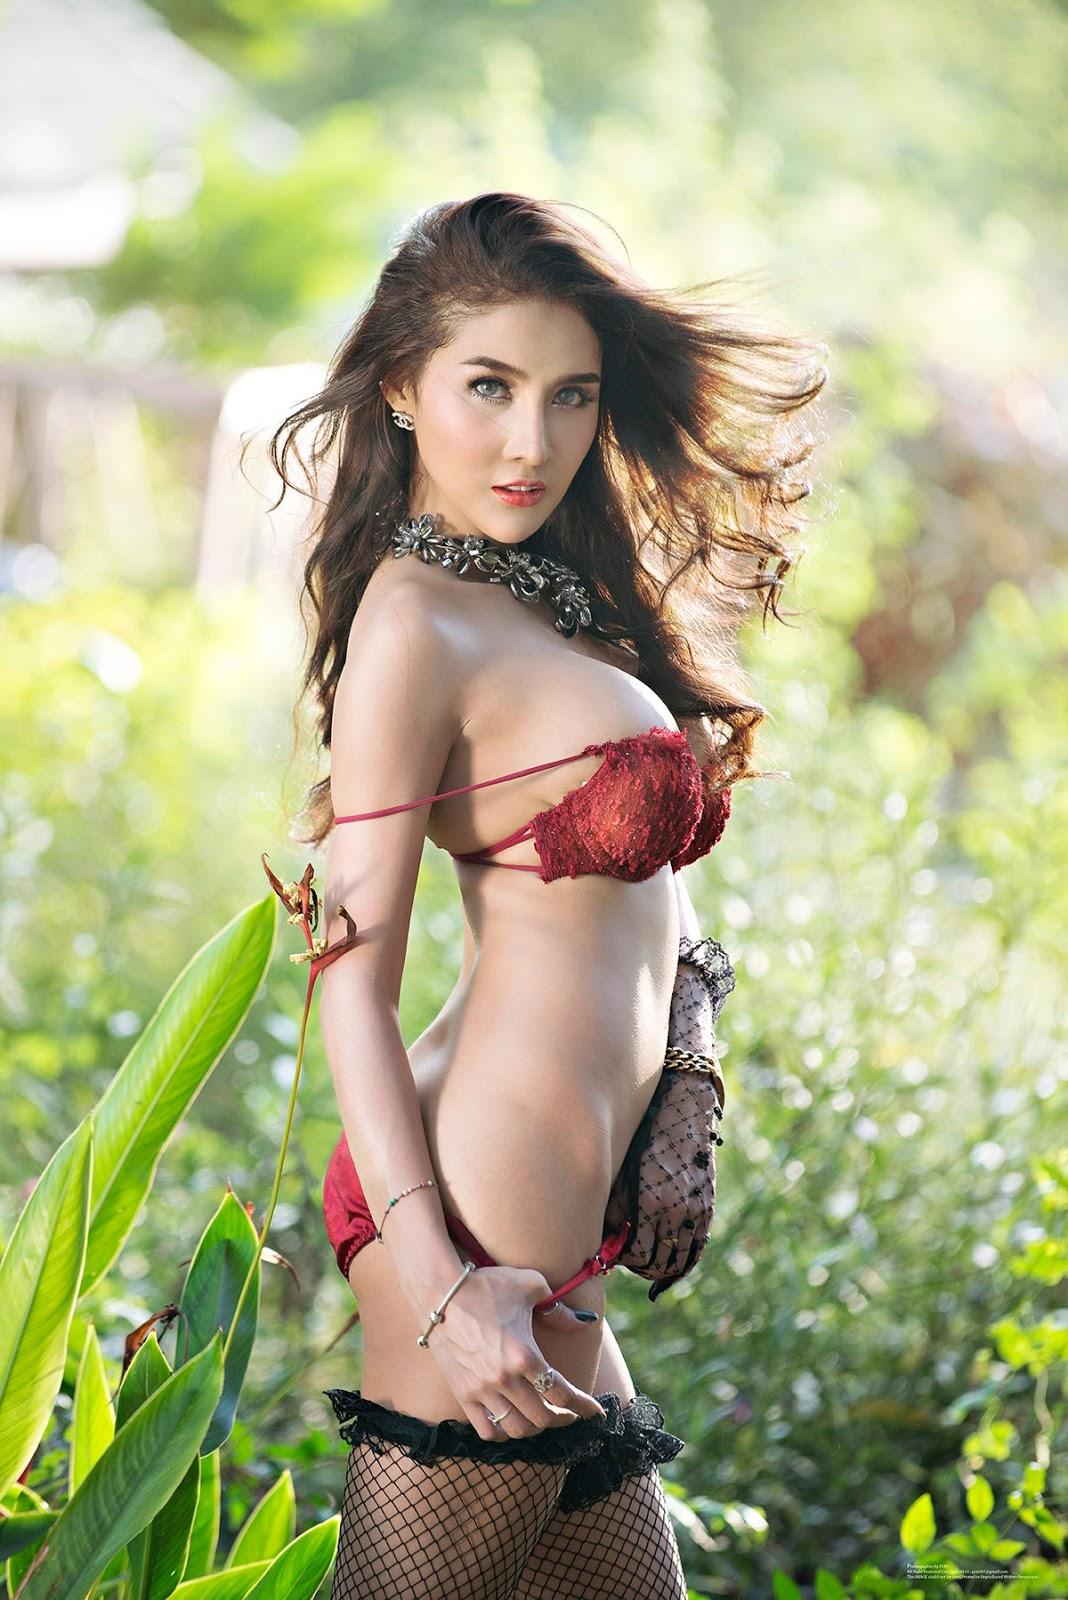 Thailand Model Deuan Part 2 (54 Pic)